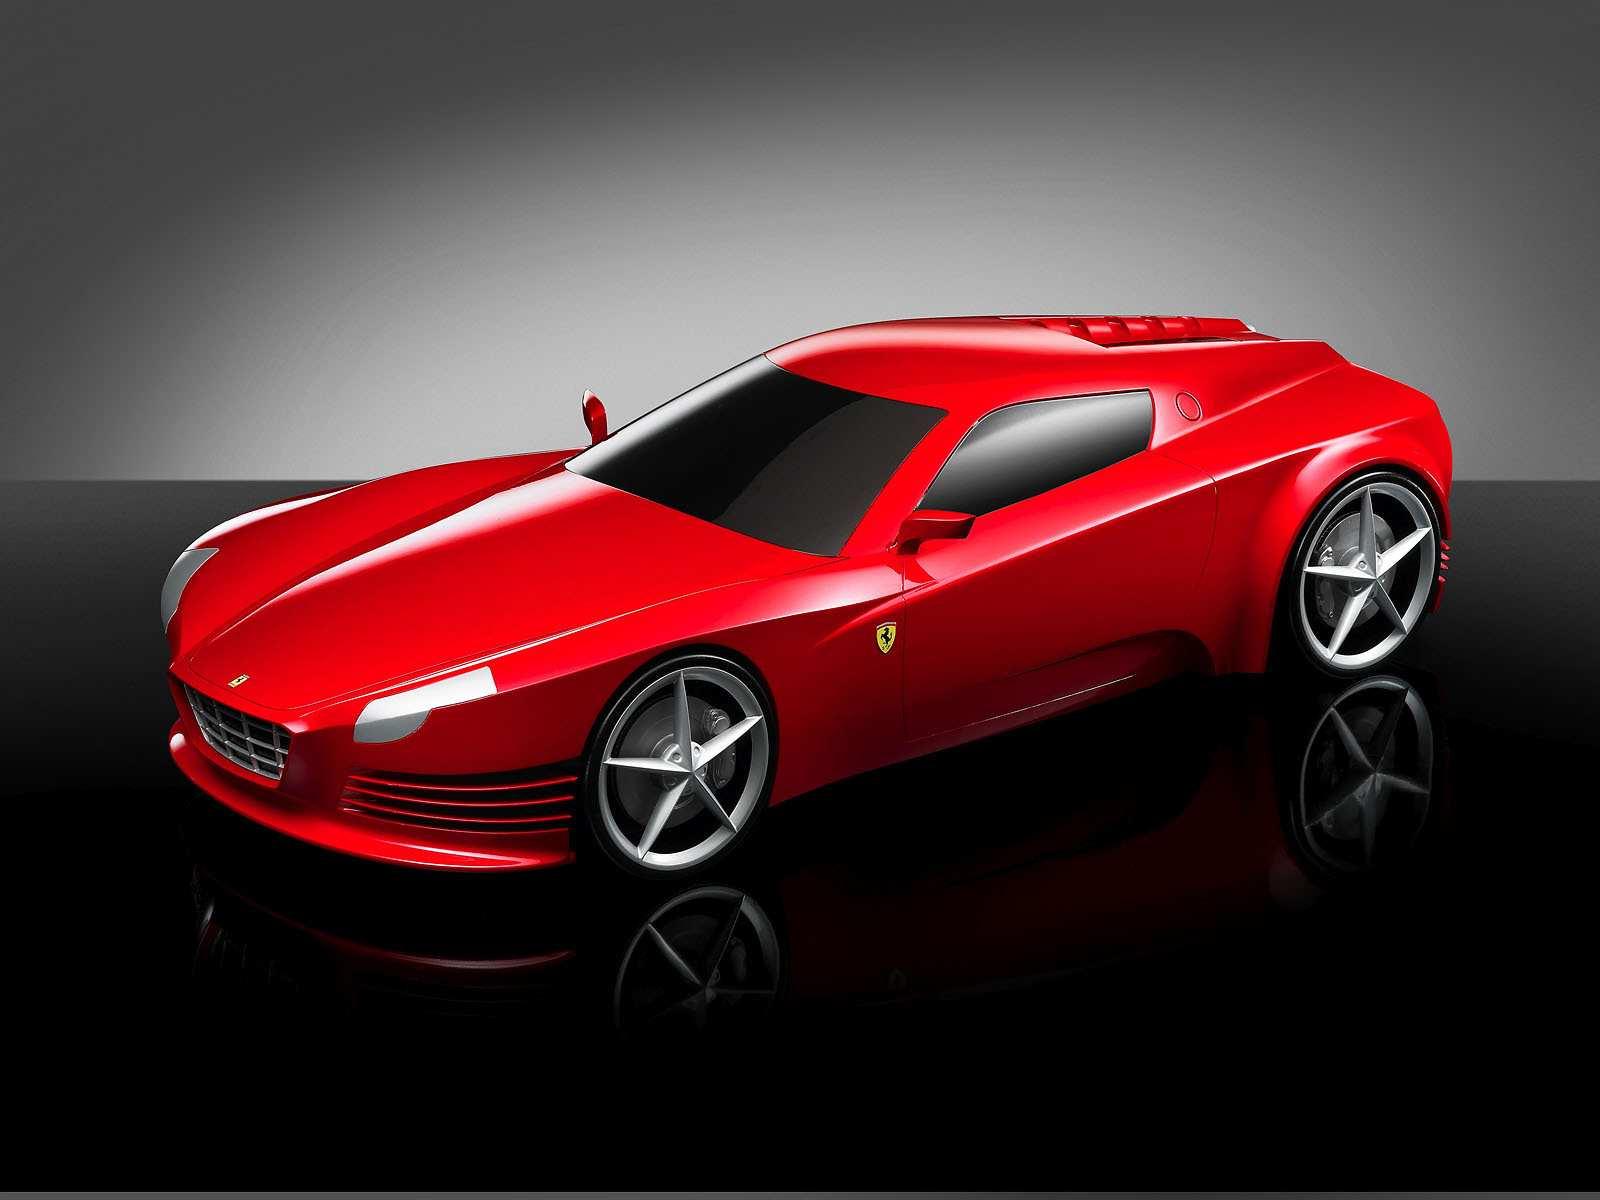 ferrari_concept_car_9